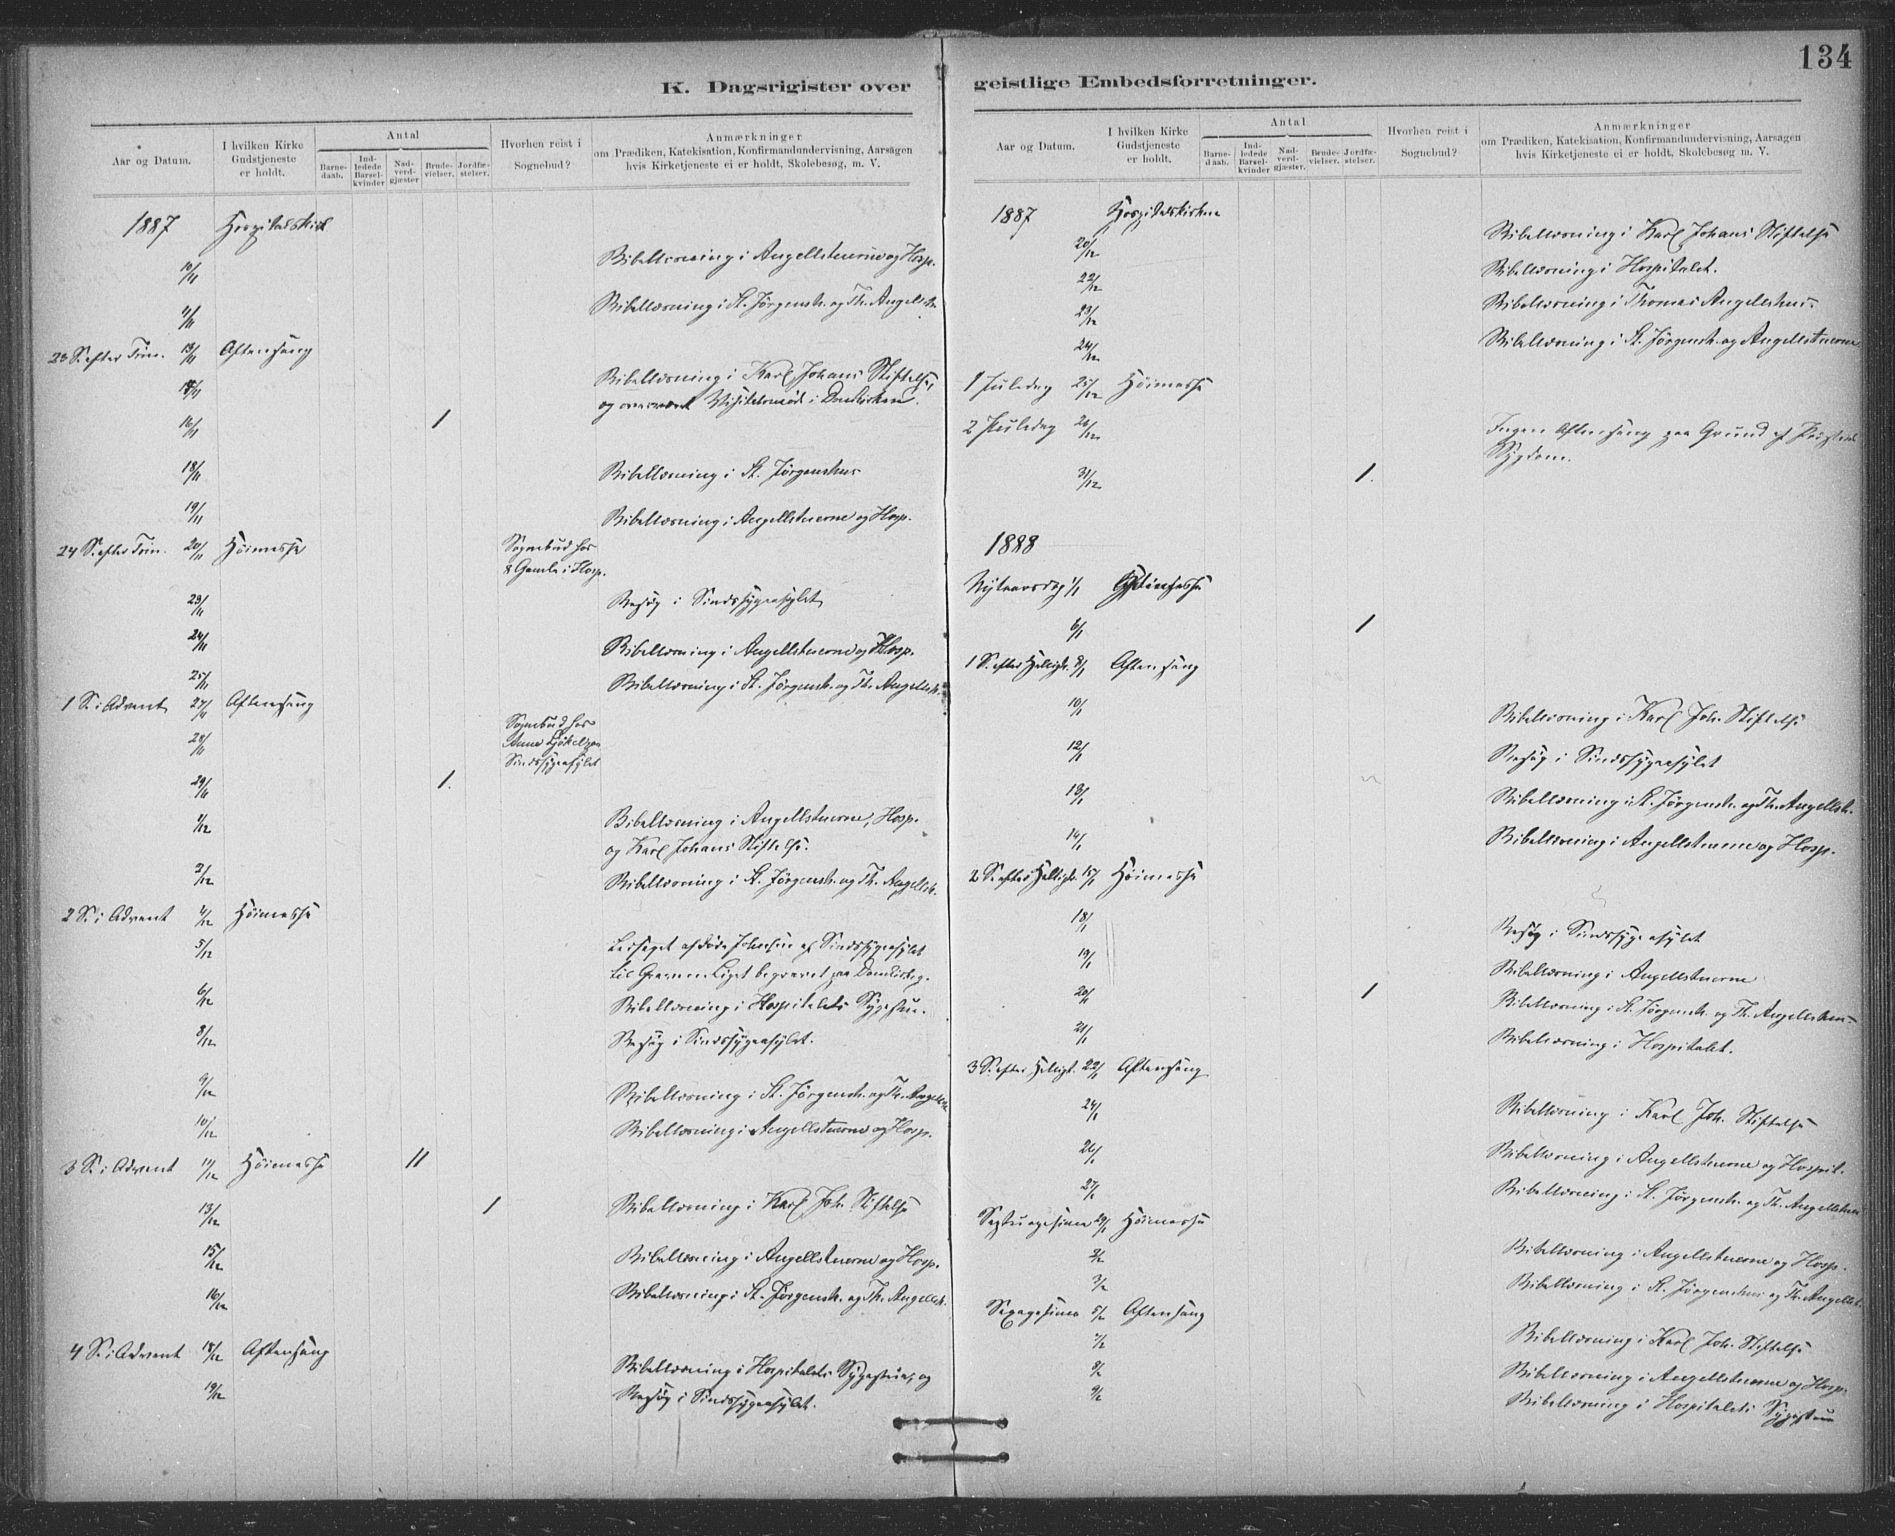 SAT, Ministerialprotokoller, klokkerbøker og fødselsregistre - Sør-Trøndelag, 623/L0470: Ministerialbok nr. 623A04, 1884-1938, s. 134